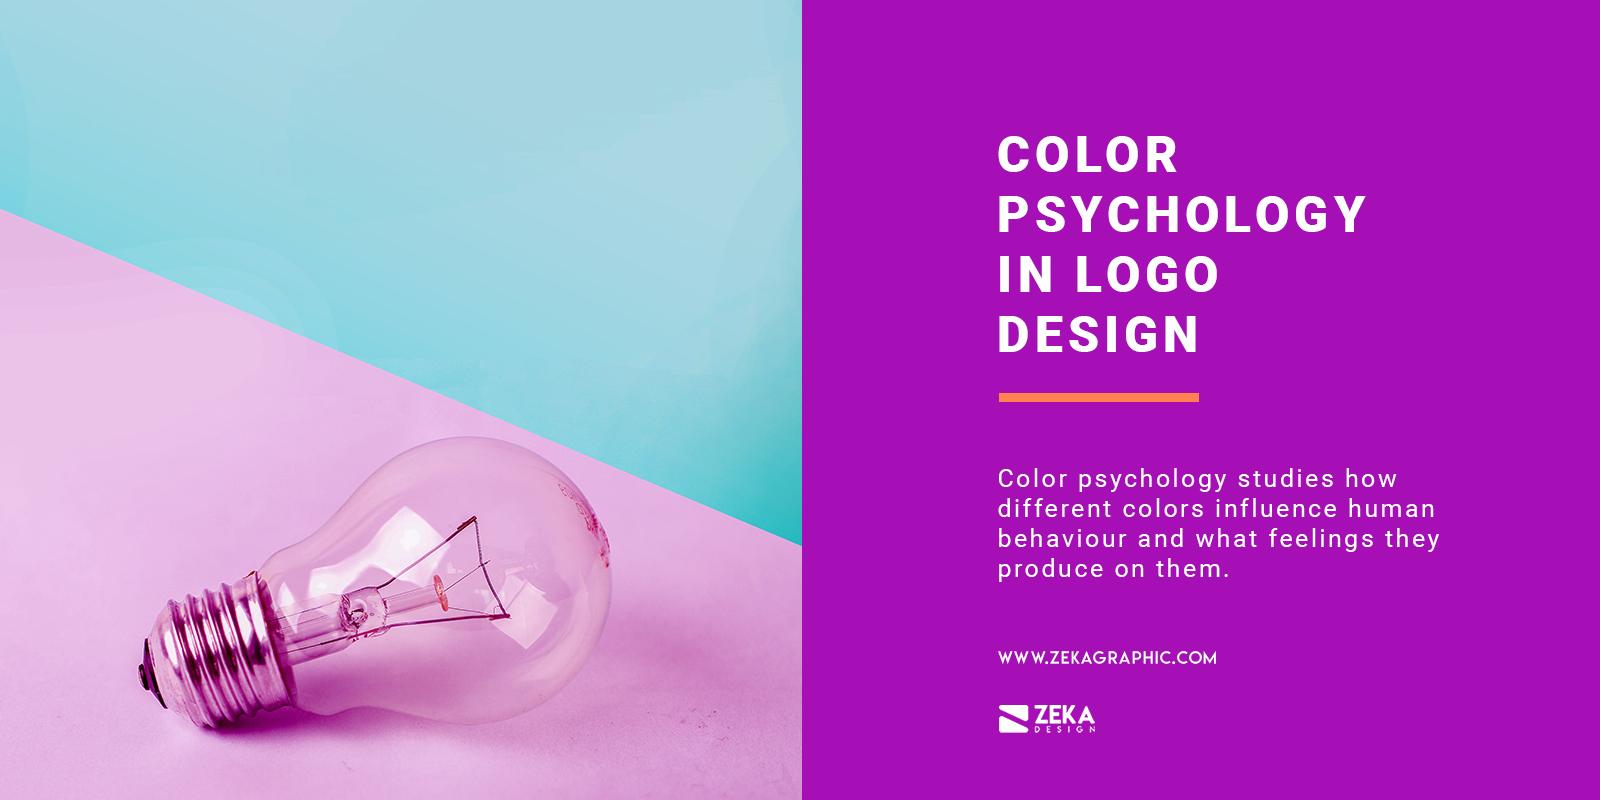 Color Psychology in Logo Design Explained